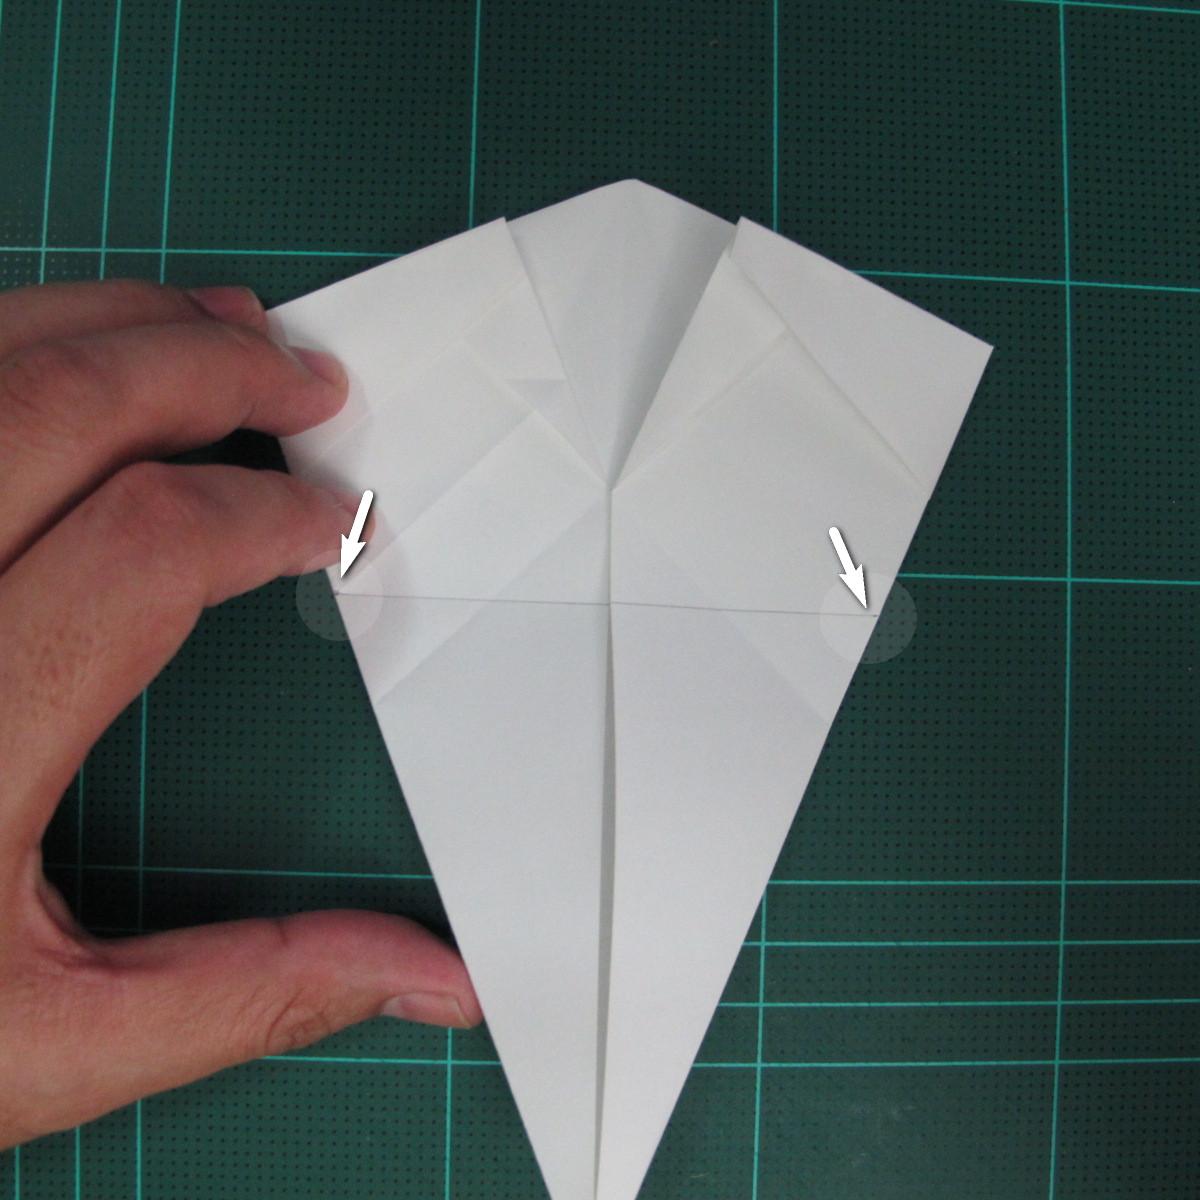 วิธีพับกระดาษเป็นรูปปลาแซลม่อน (Origami Salmon) 022